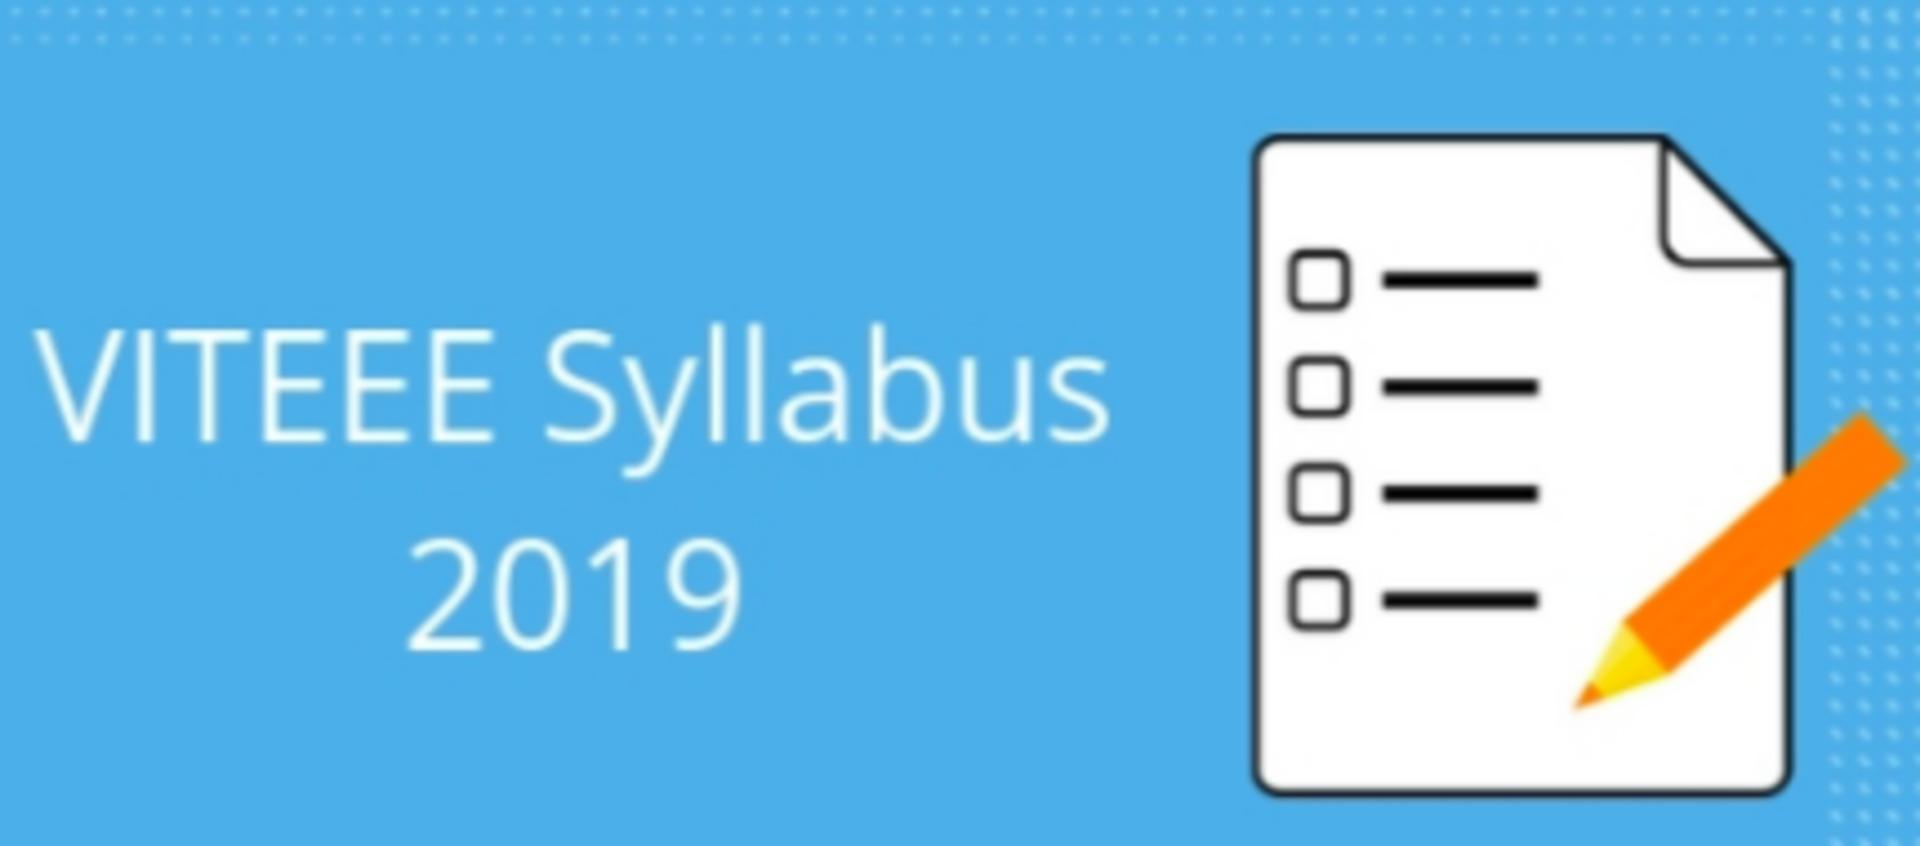 VITEEE 2019 Syllabus image